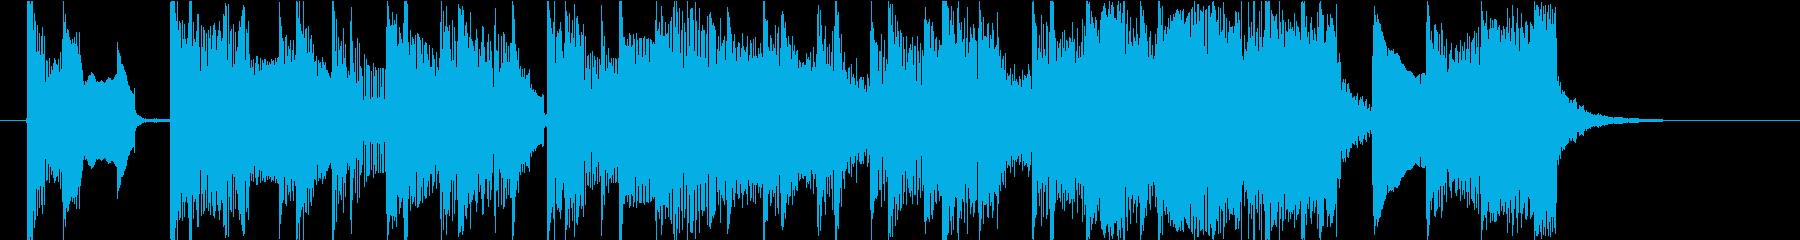 15秒CMサイズ のんびり ゆったりの再生済みの波形